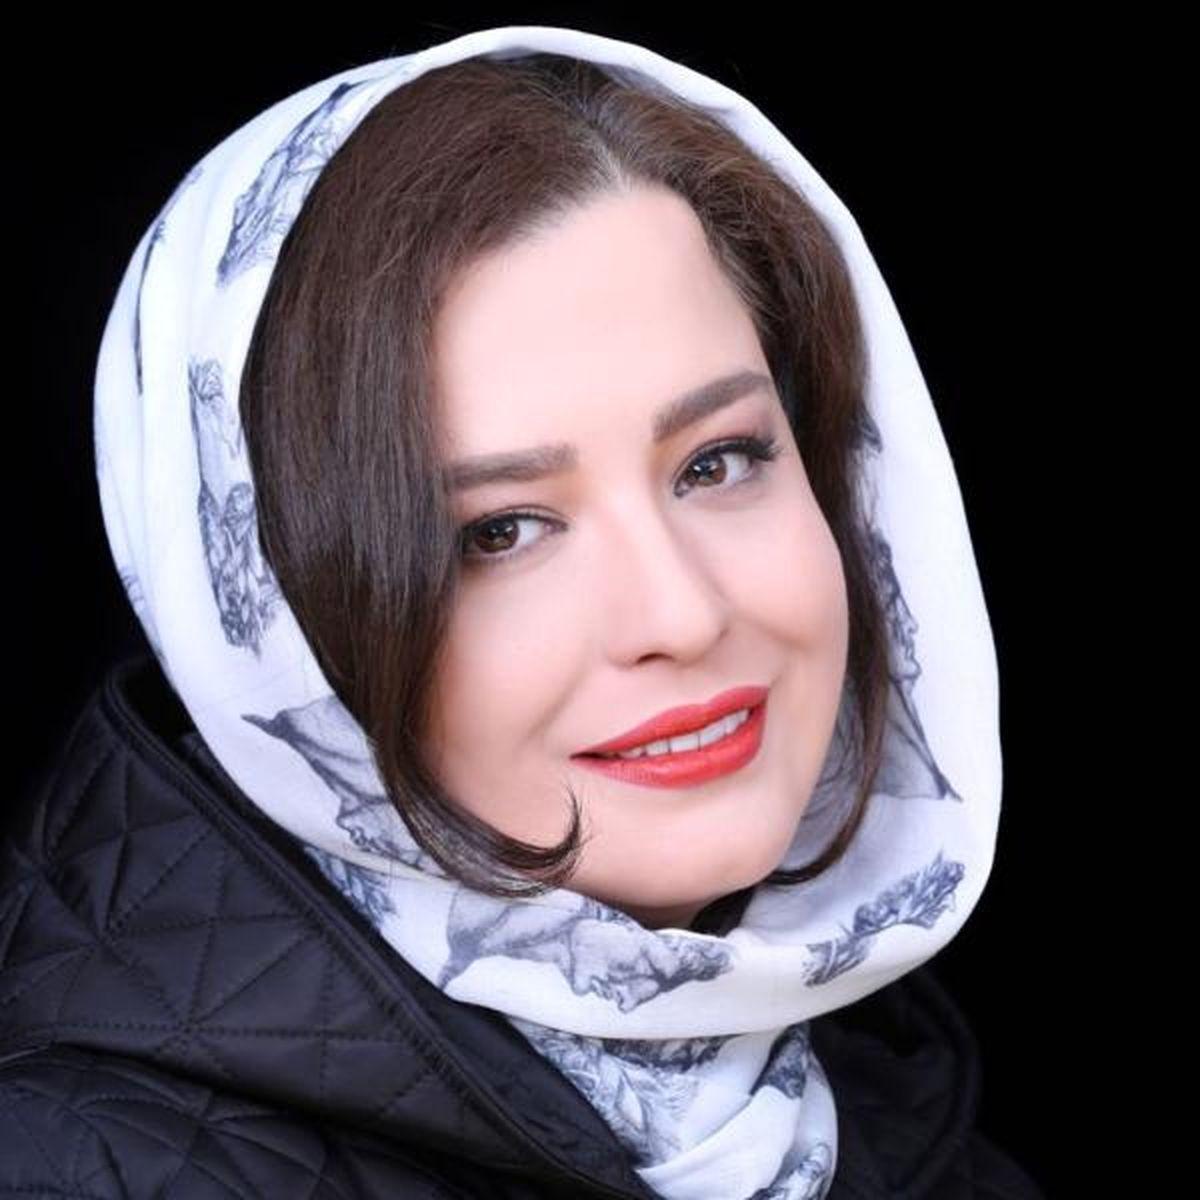 تیپ ناجور خواهران شریفی نیا در کنار مادرشان + عکس